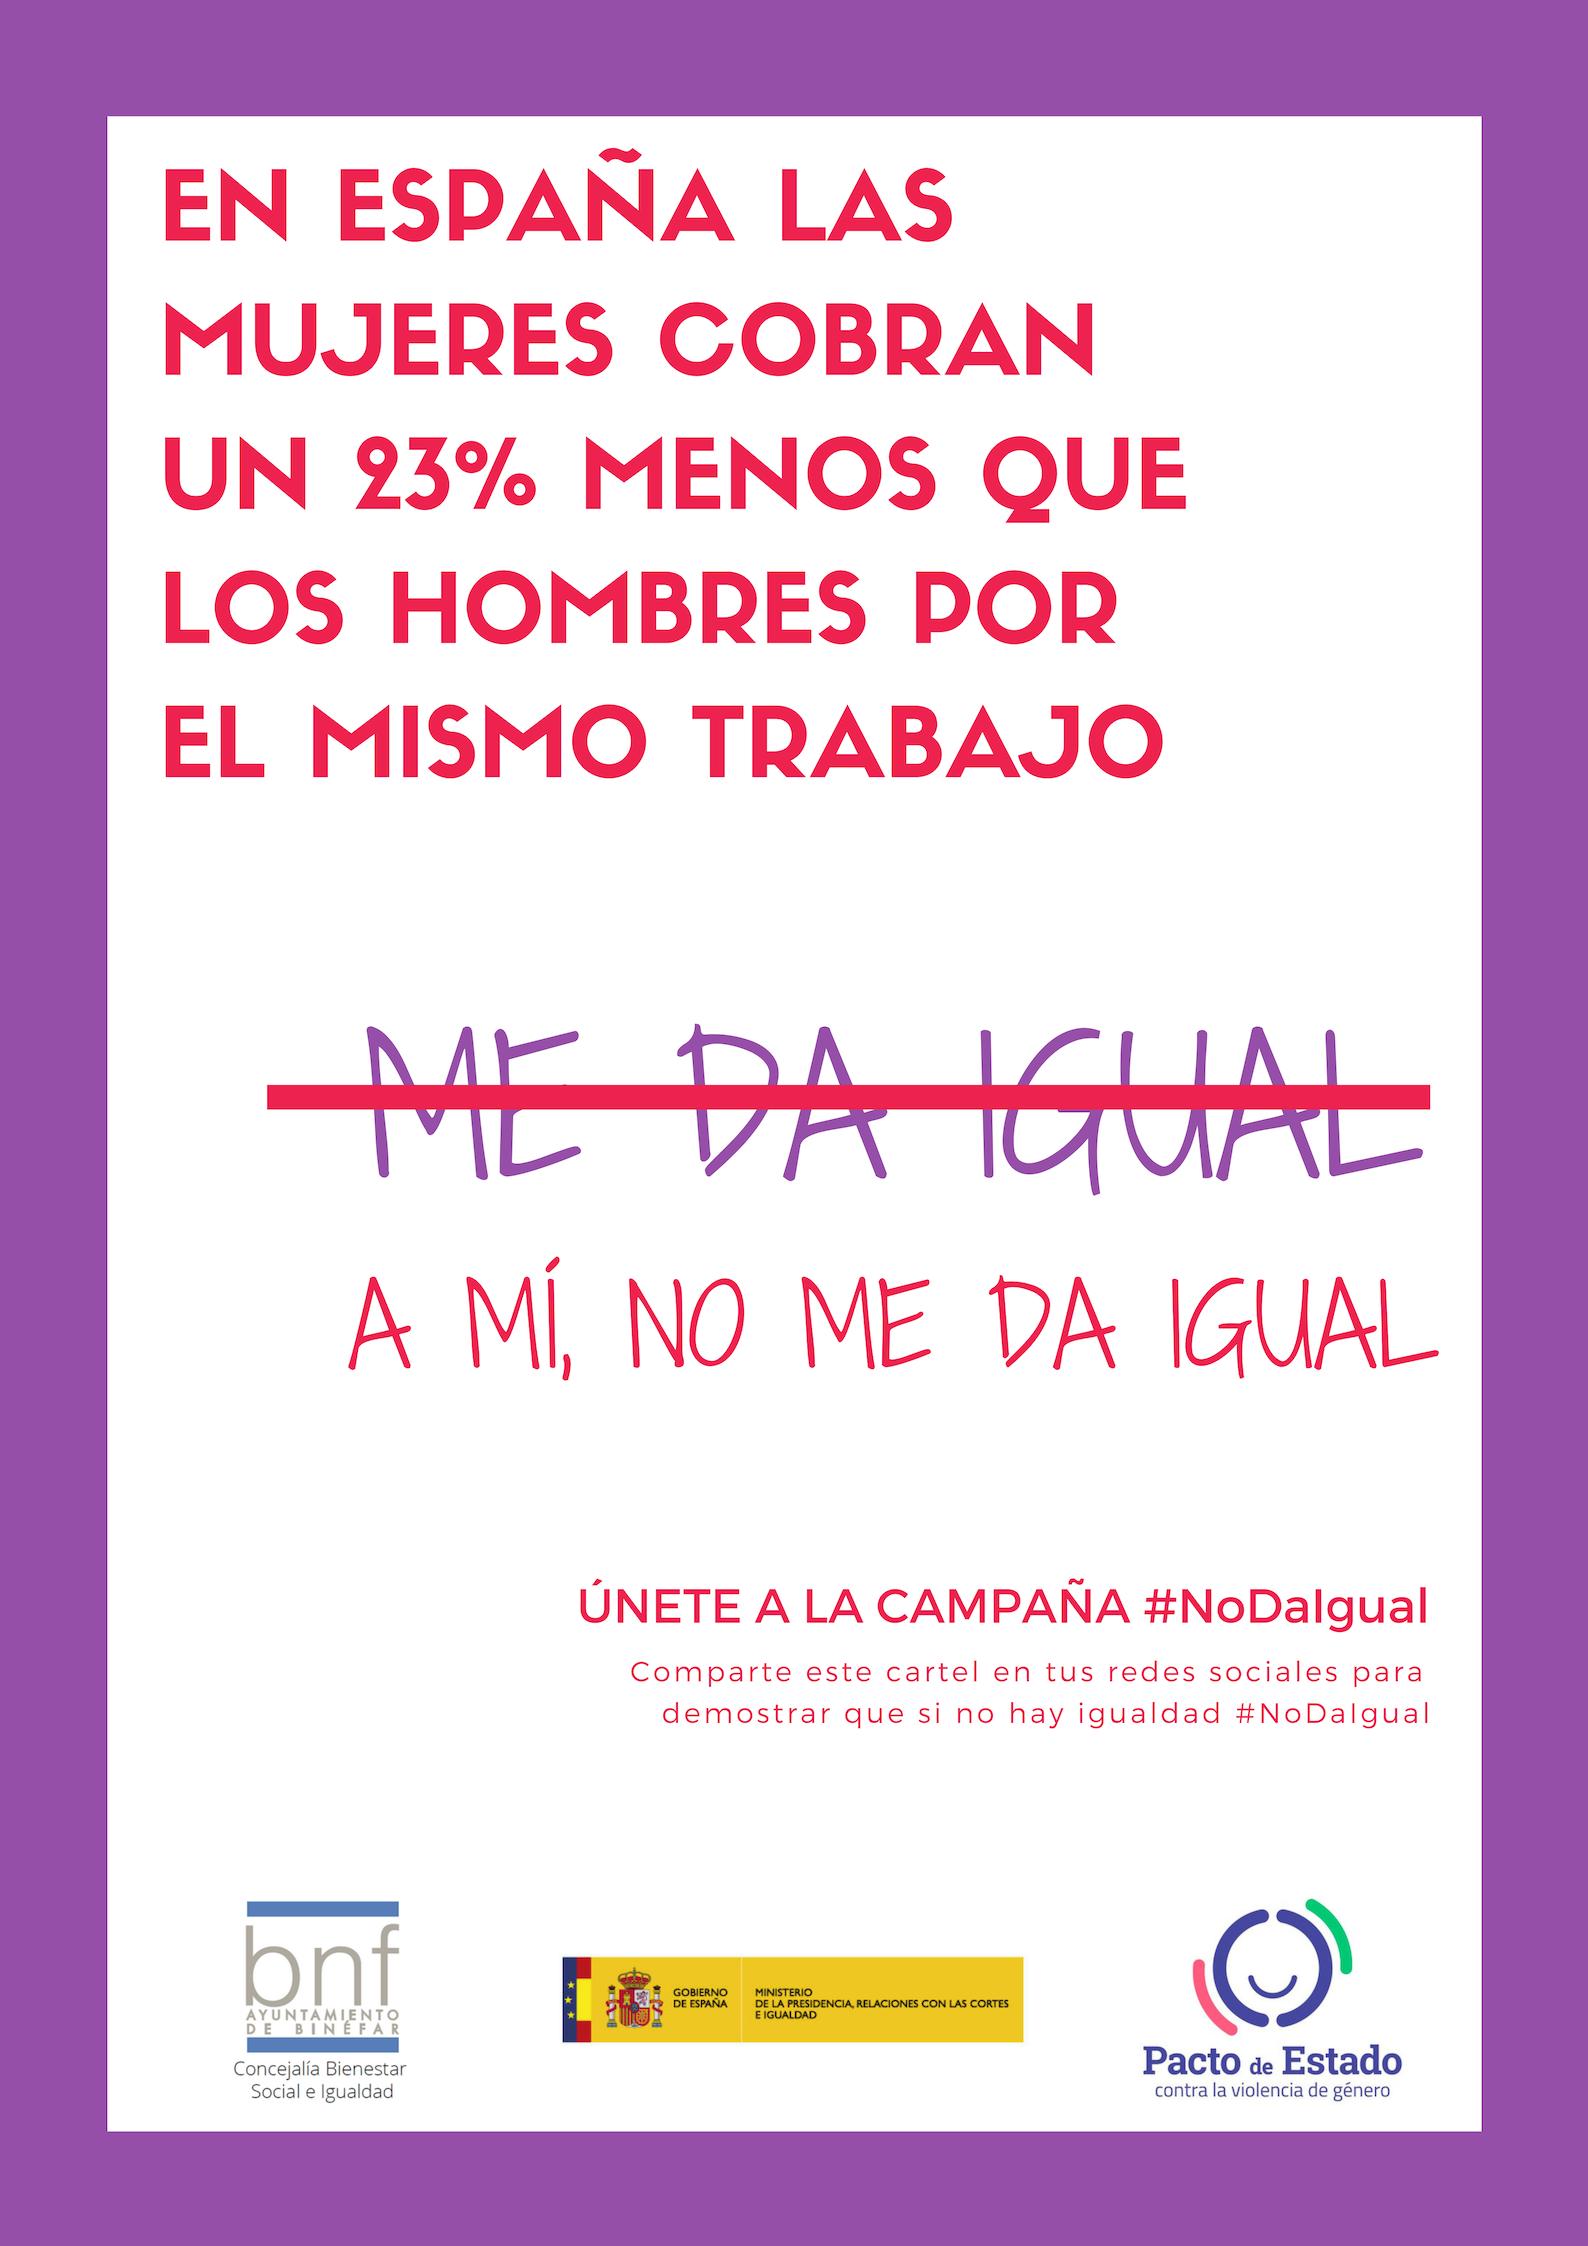 """El Ayuntamiento lanza la campaña """"No da igual"""" para sensibilizar sobre la violencia machista y la desigualdad"""